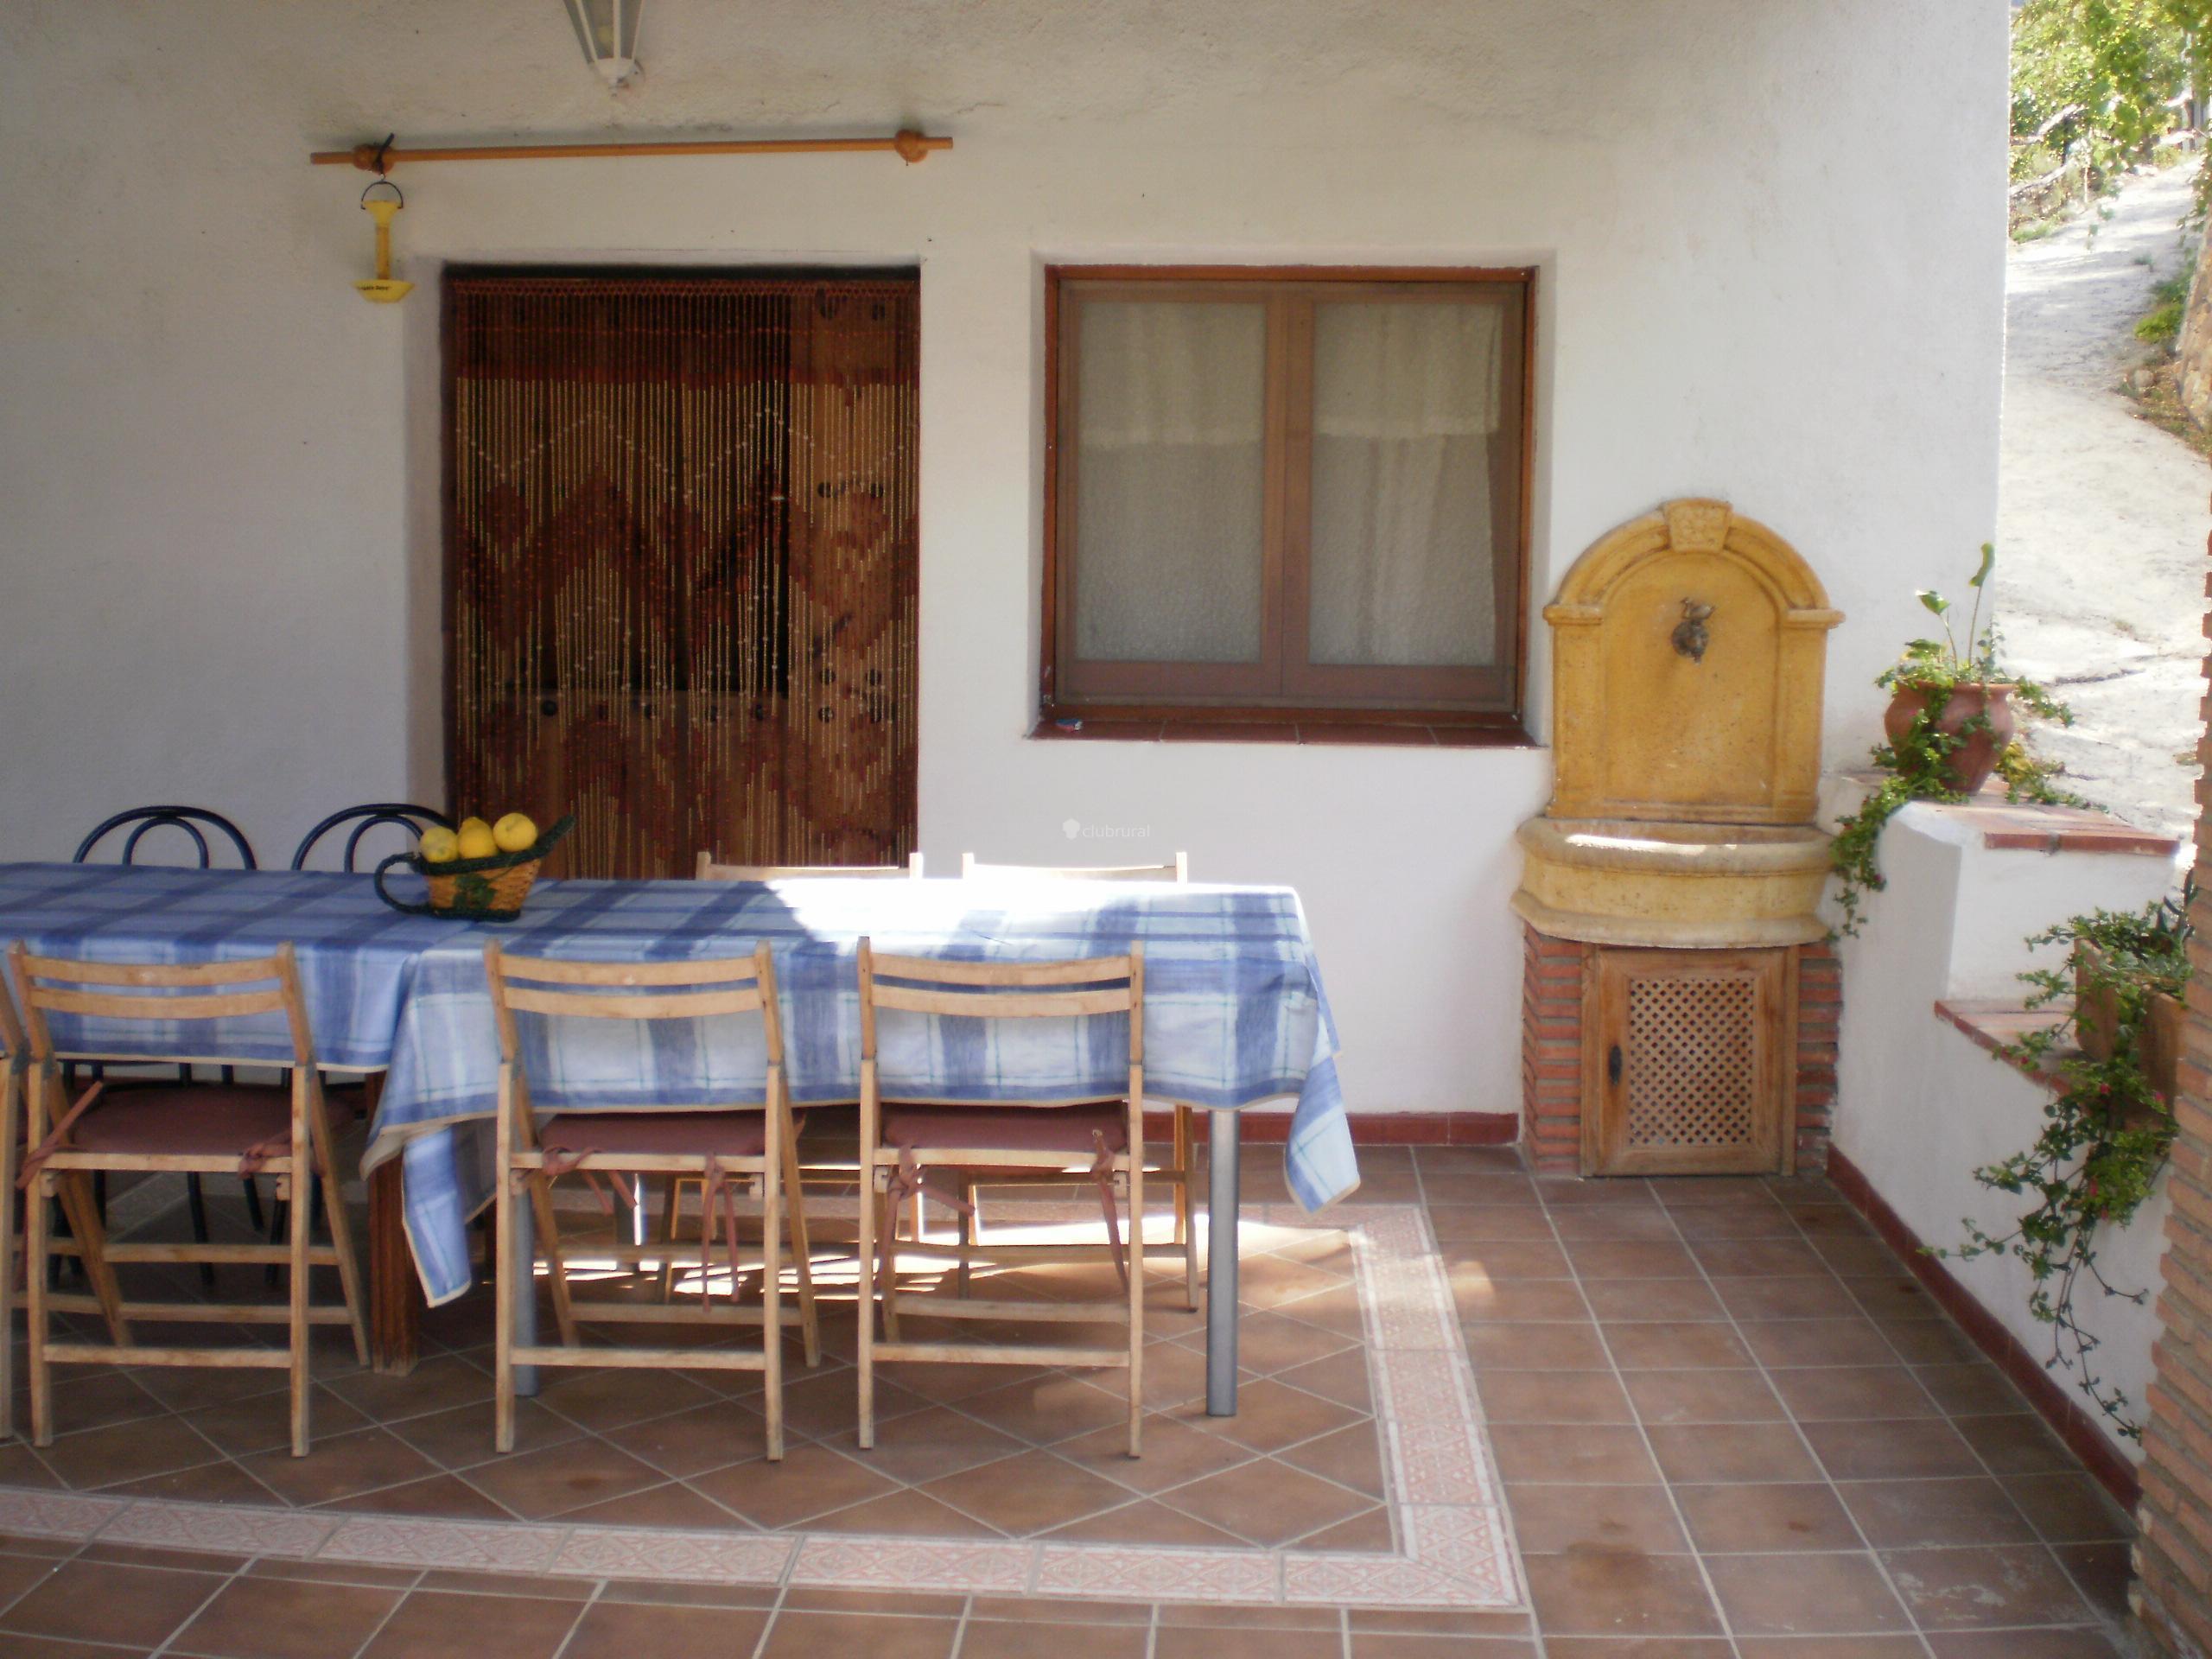 Fotos de casas rurales barranco padilla granada lecrin - Fotos casas rurales ...